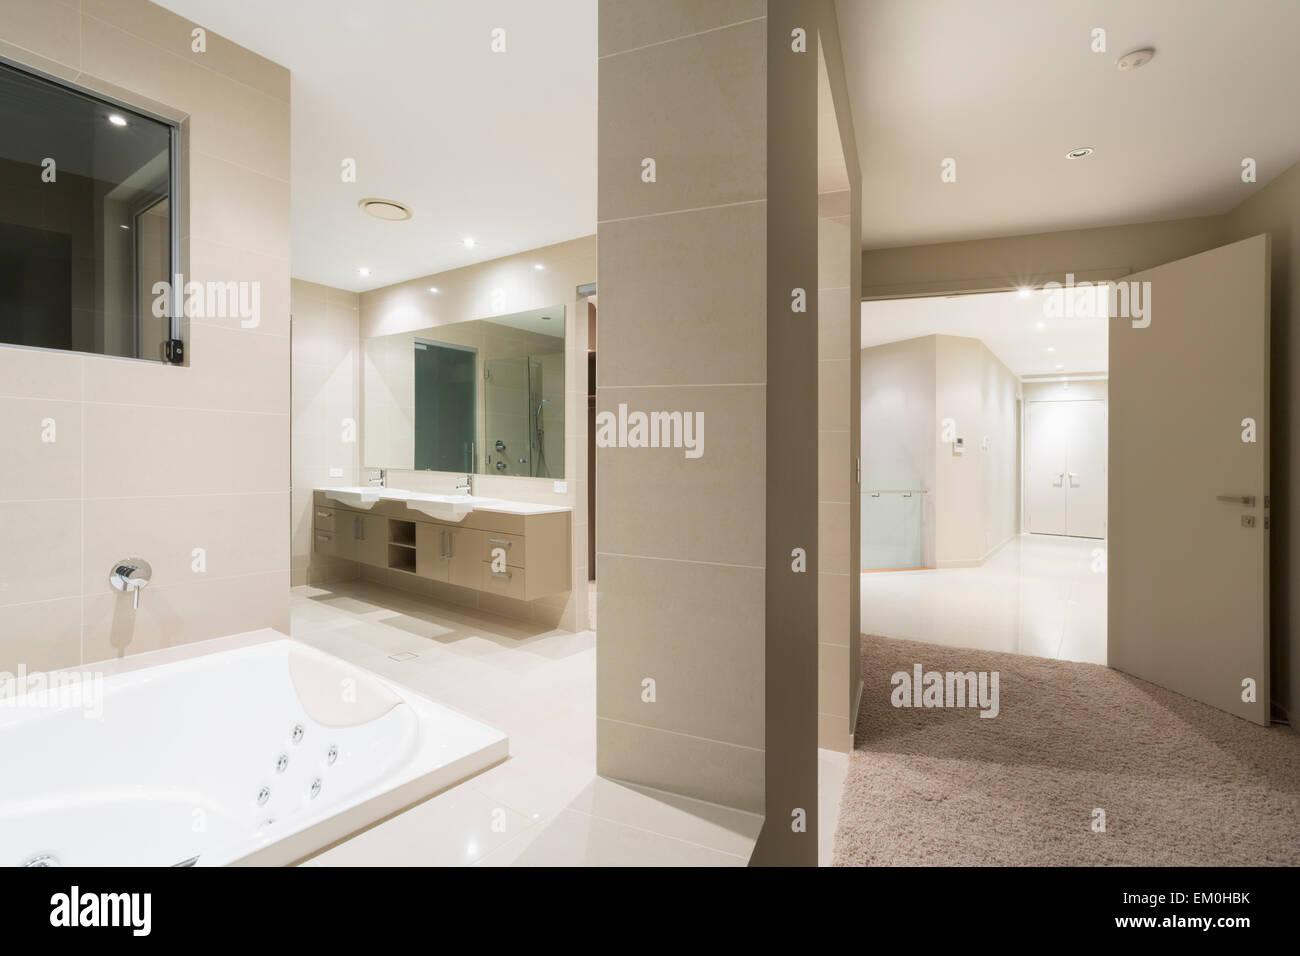 Badezimmer mit Spa in großen australischen Herrenhaus Stockfoto ...